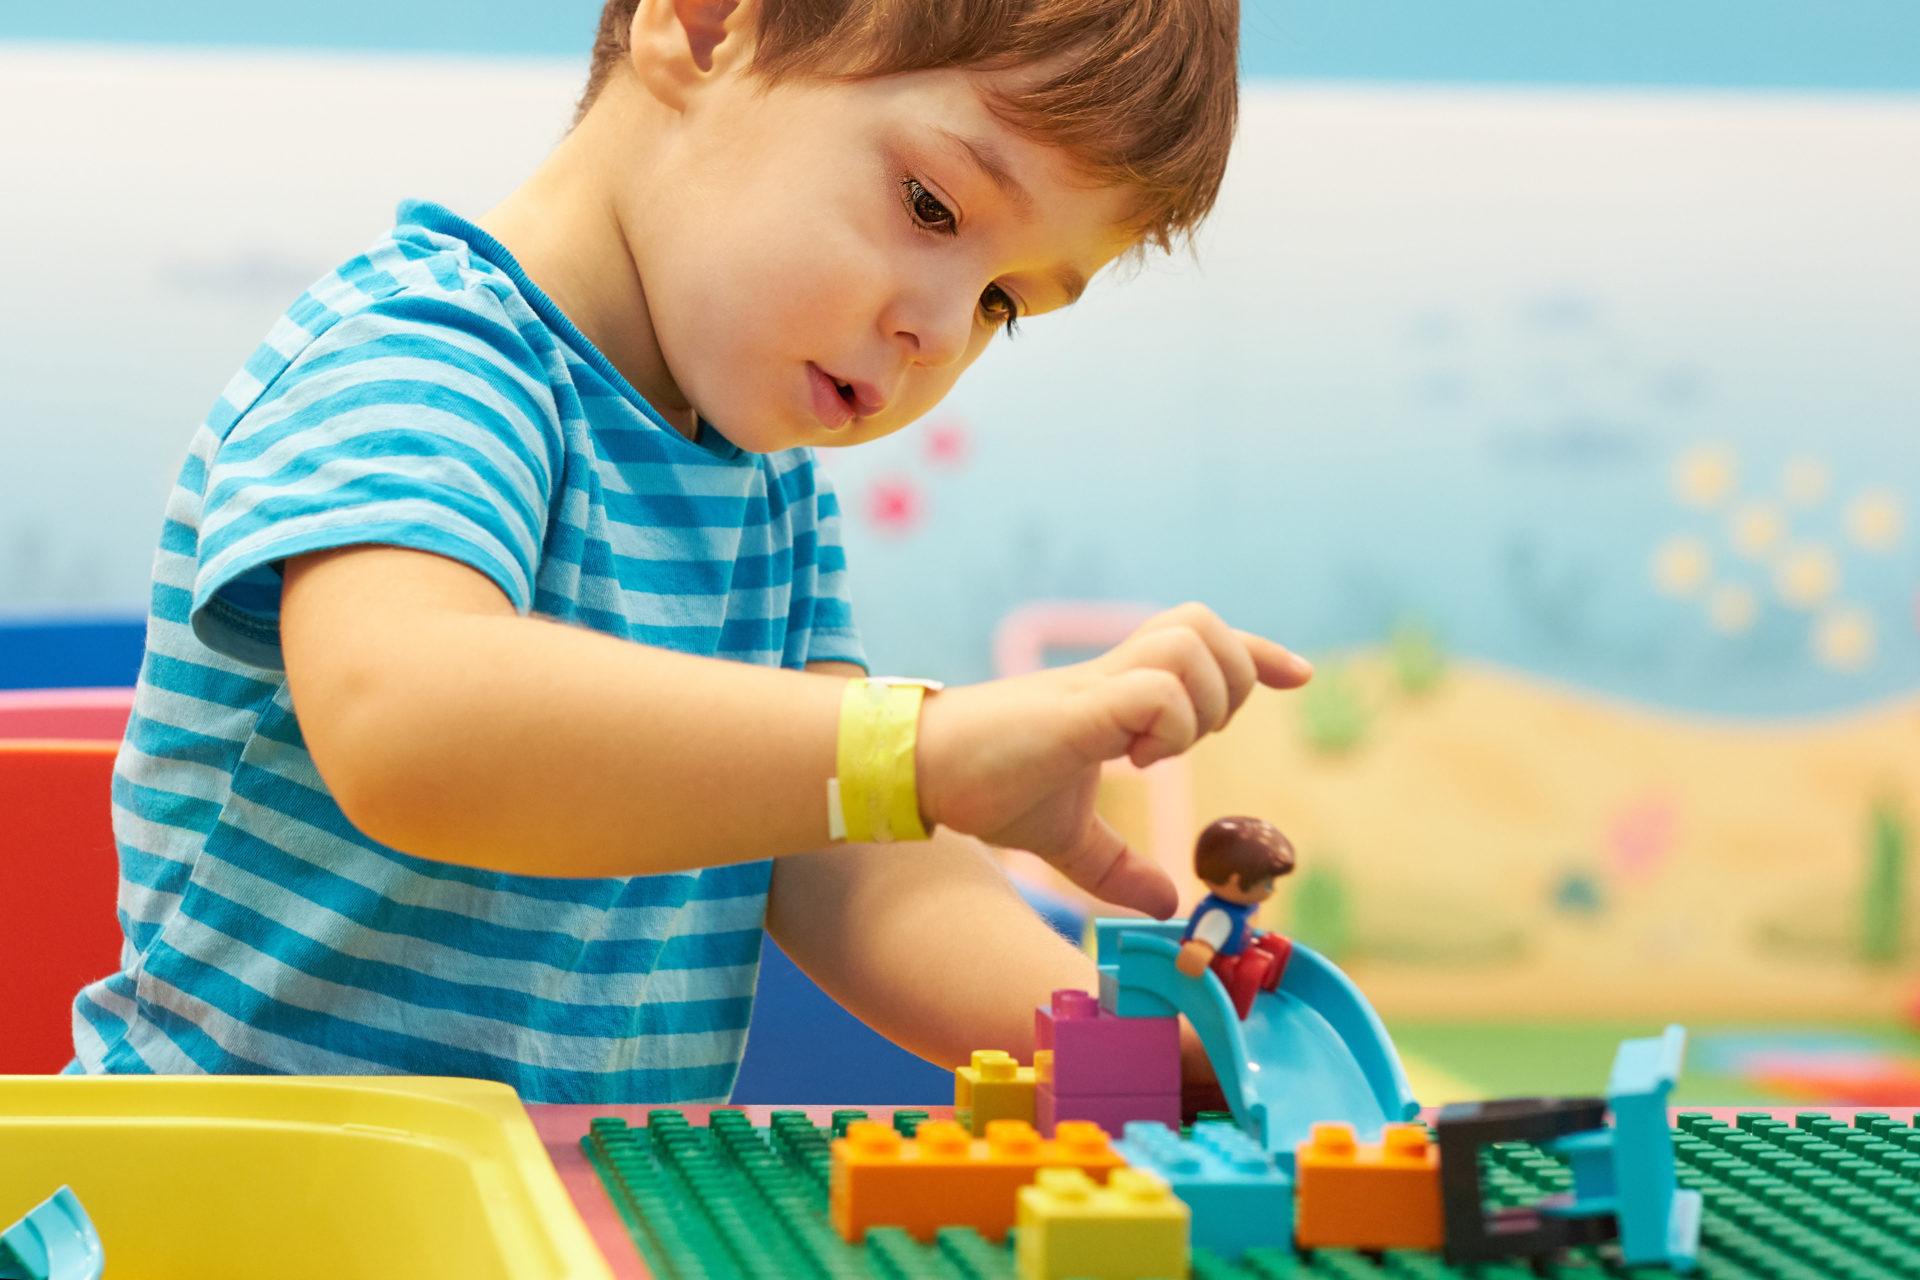 Jeu, Jouet Enfant - Jeu Enfant 2 Ans, 3 Ans, 4 Ans Et 5 Ans intérieur Jeux Pour Garcon De 3 Ans